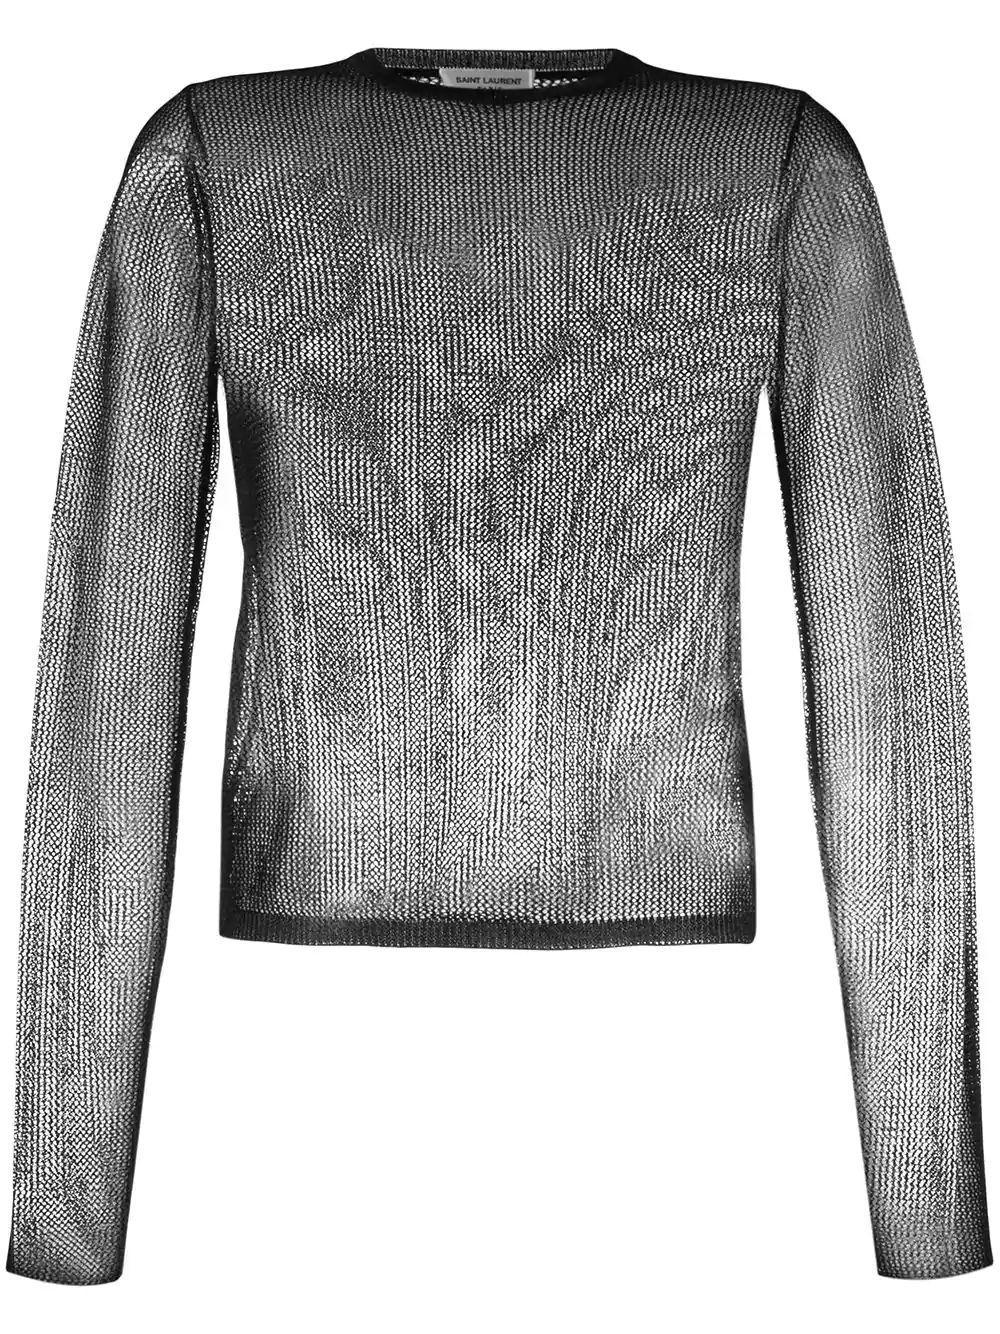 Long Sleeve Sequin T-Shirt